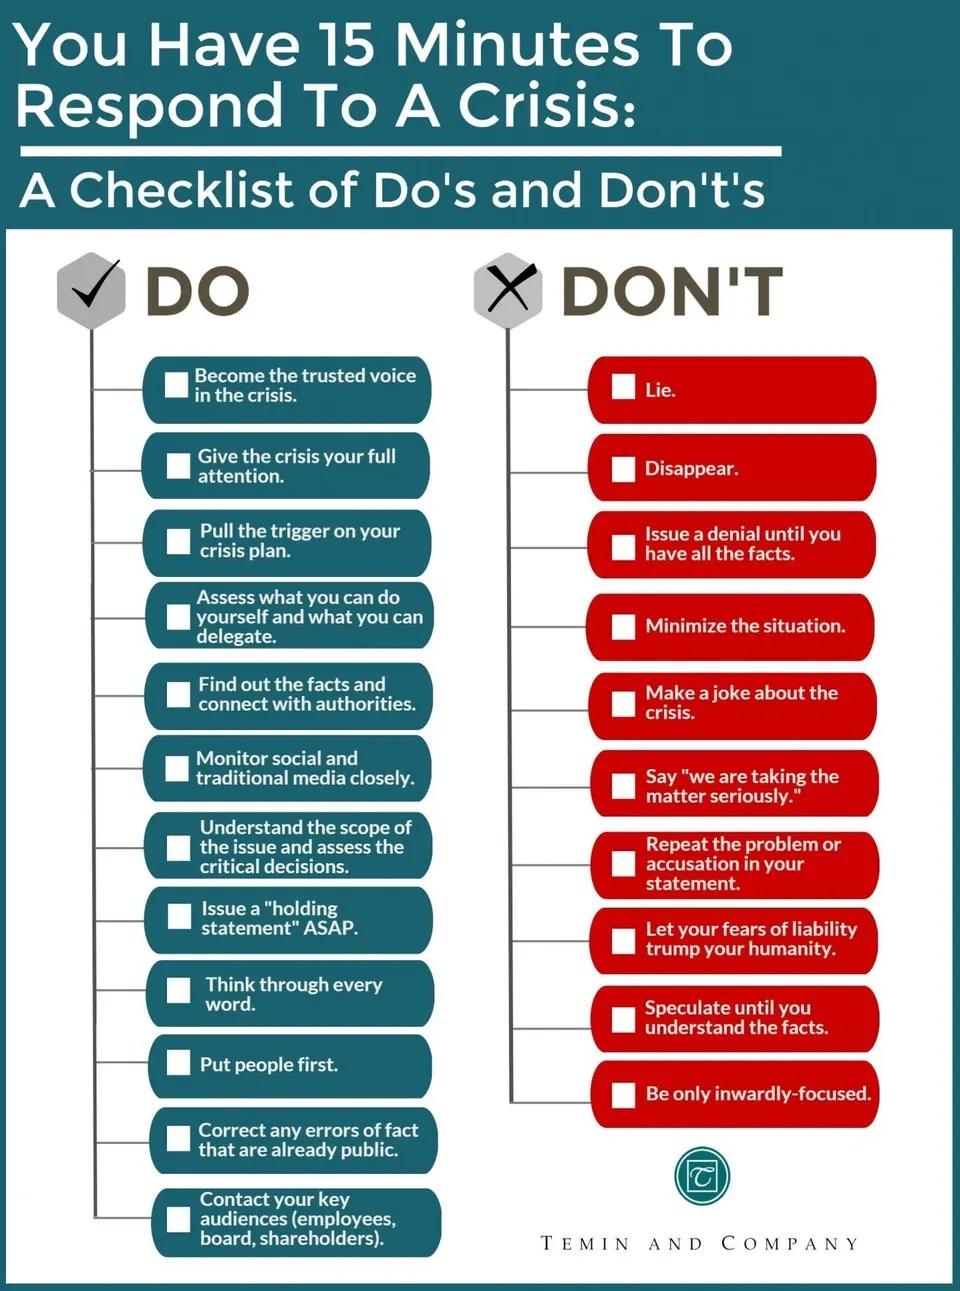 A Crisis Management Checklist